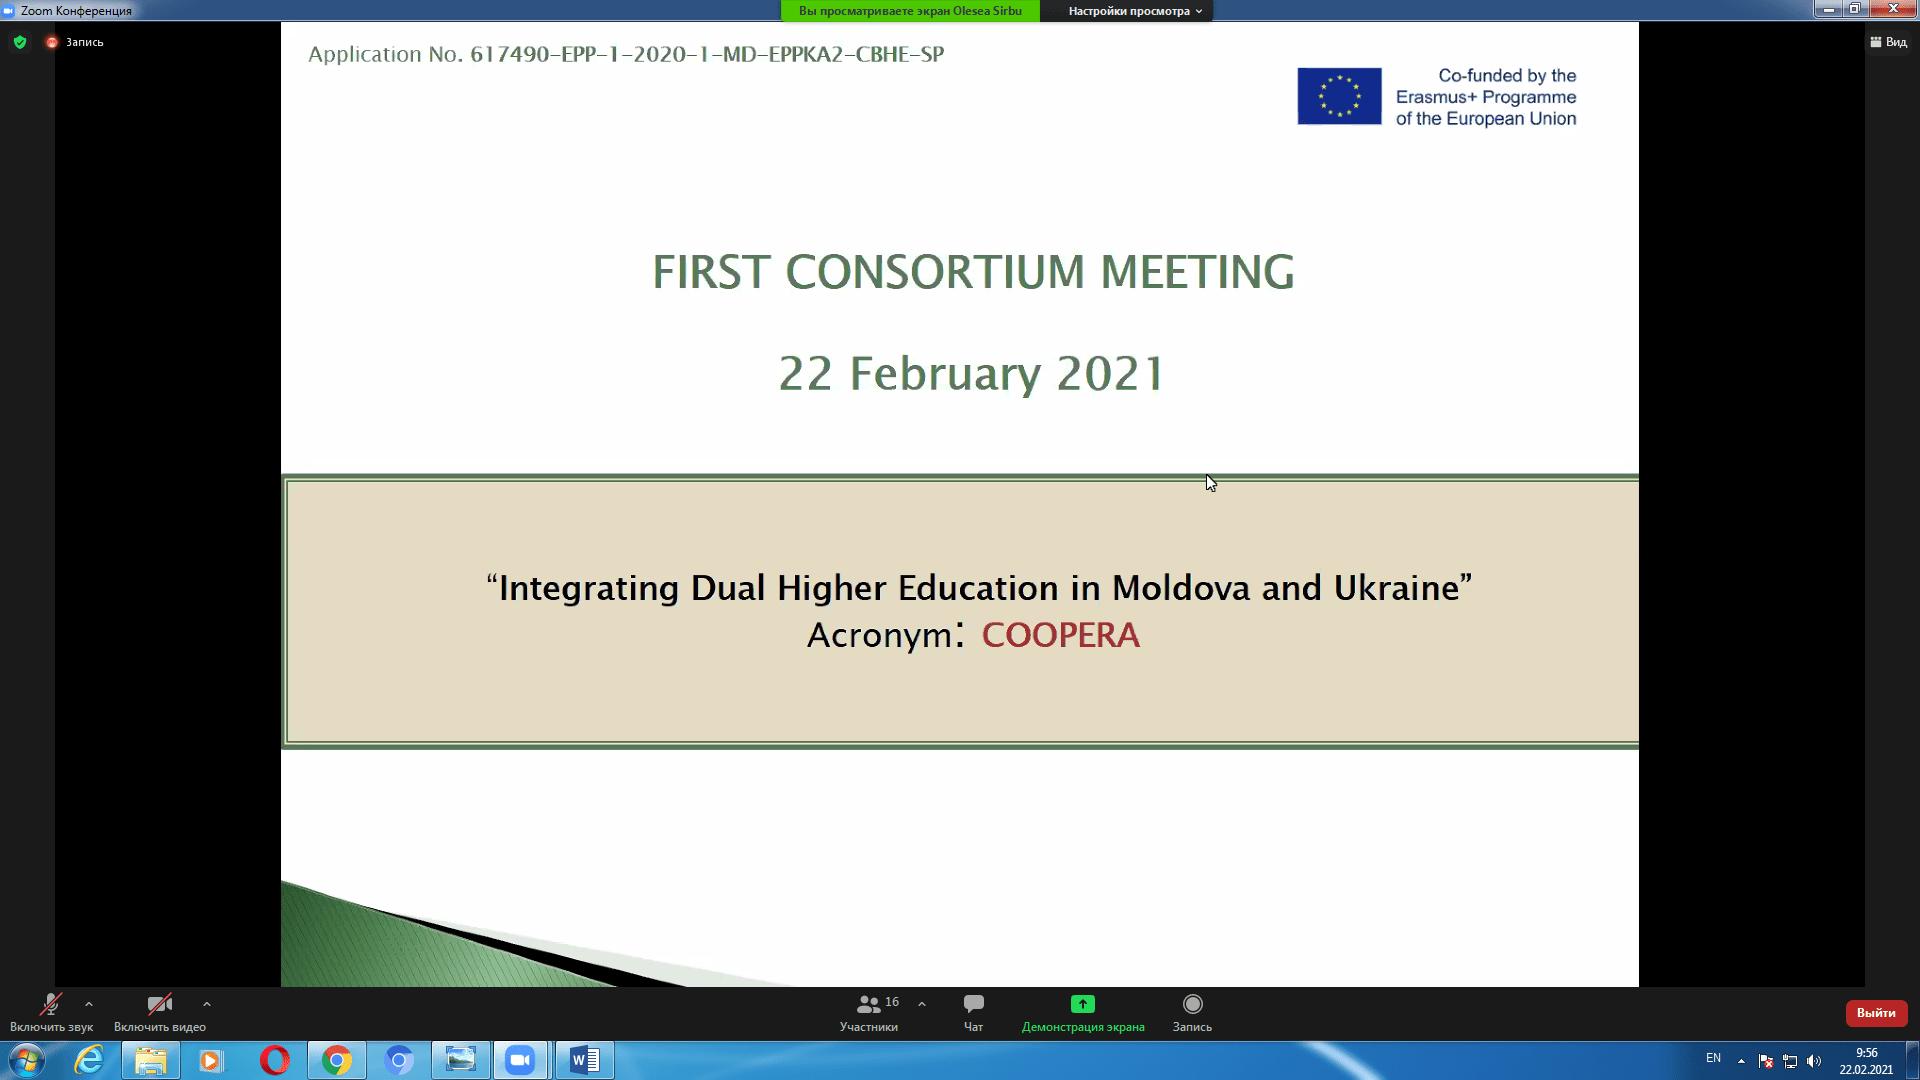 Prima şedinţă a consorţiului proiectului ERASMUS+, COOPERA, coordonator – Academia de Studii Economice a Moldovei